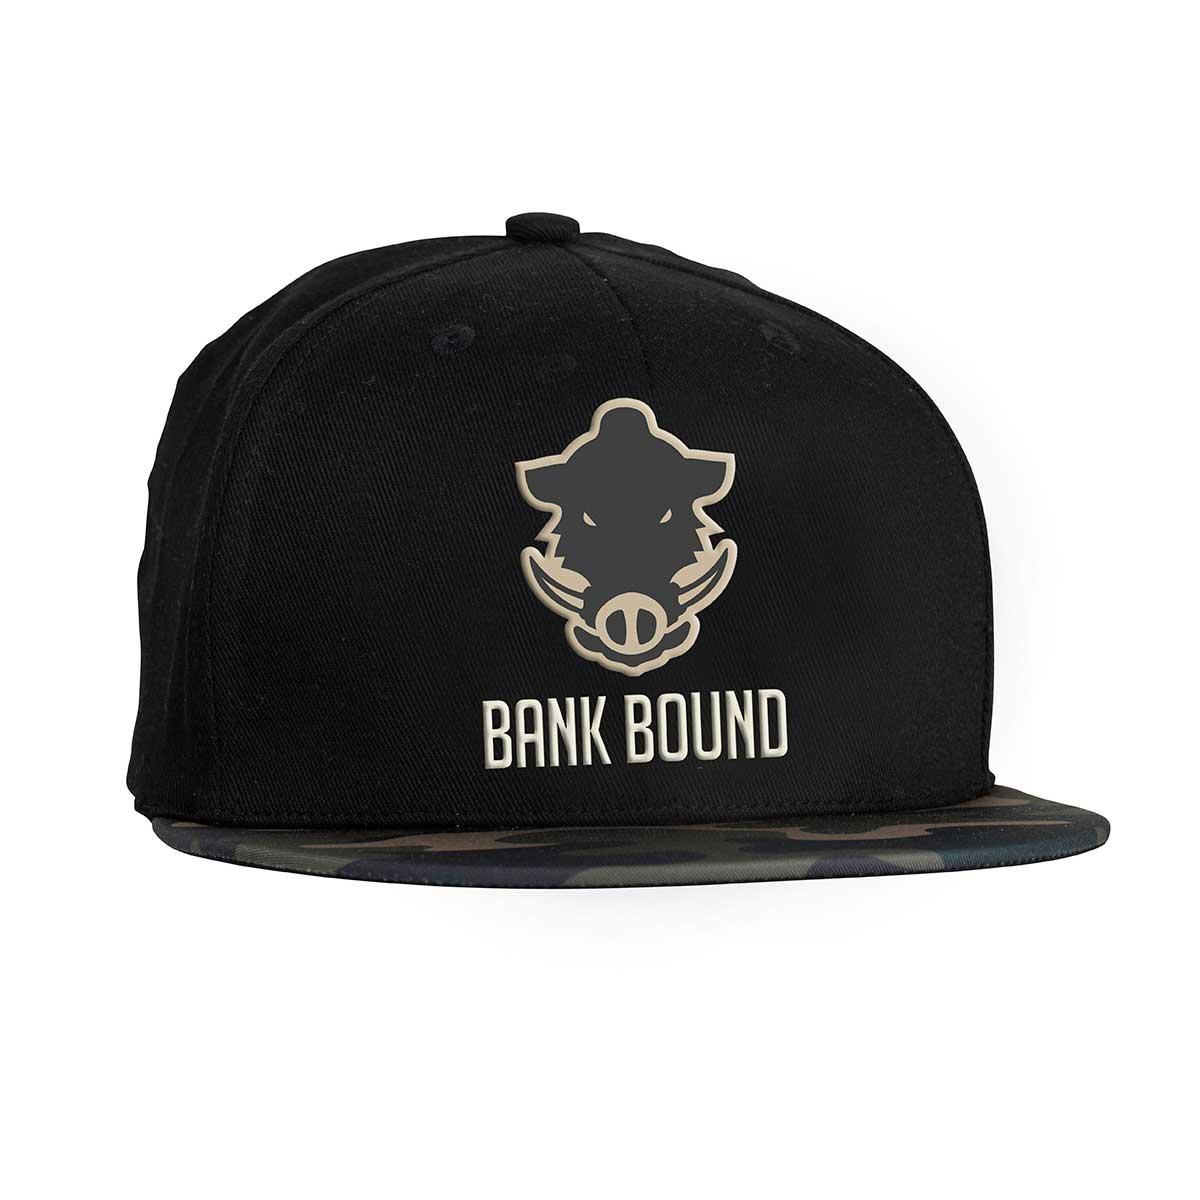 Кепка Prologic Bank bound flat bill cap black camo купить в интернет-магазине «Мир охоты»